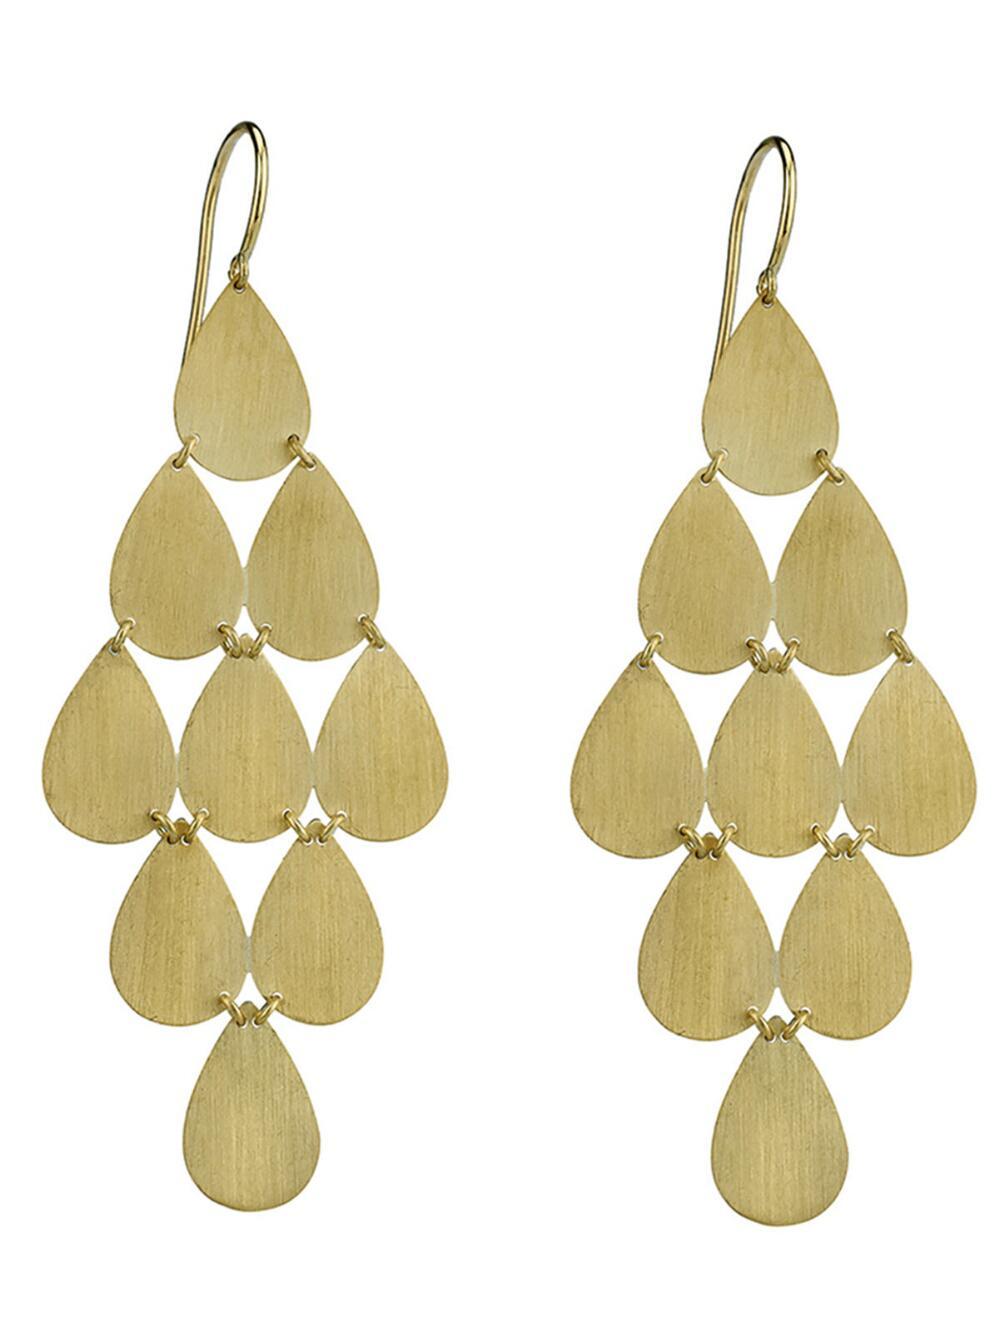 Irene Neuwirth Women S Metallic Signature Large Teardrop Chandelier Earrings